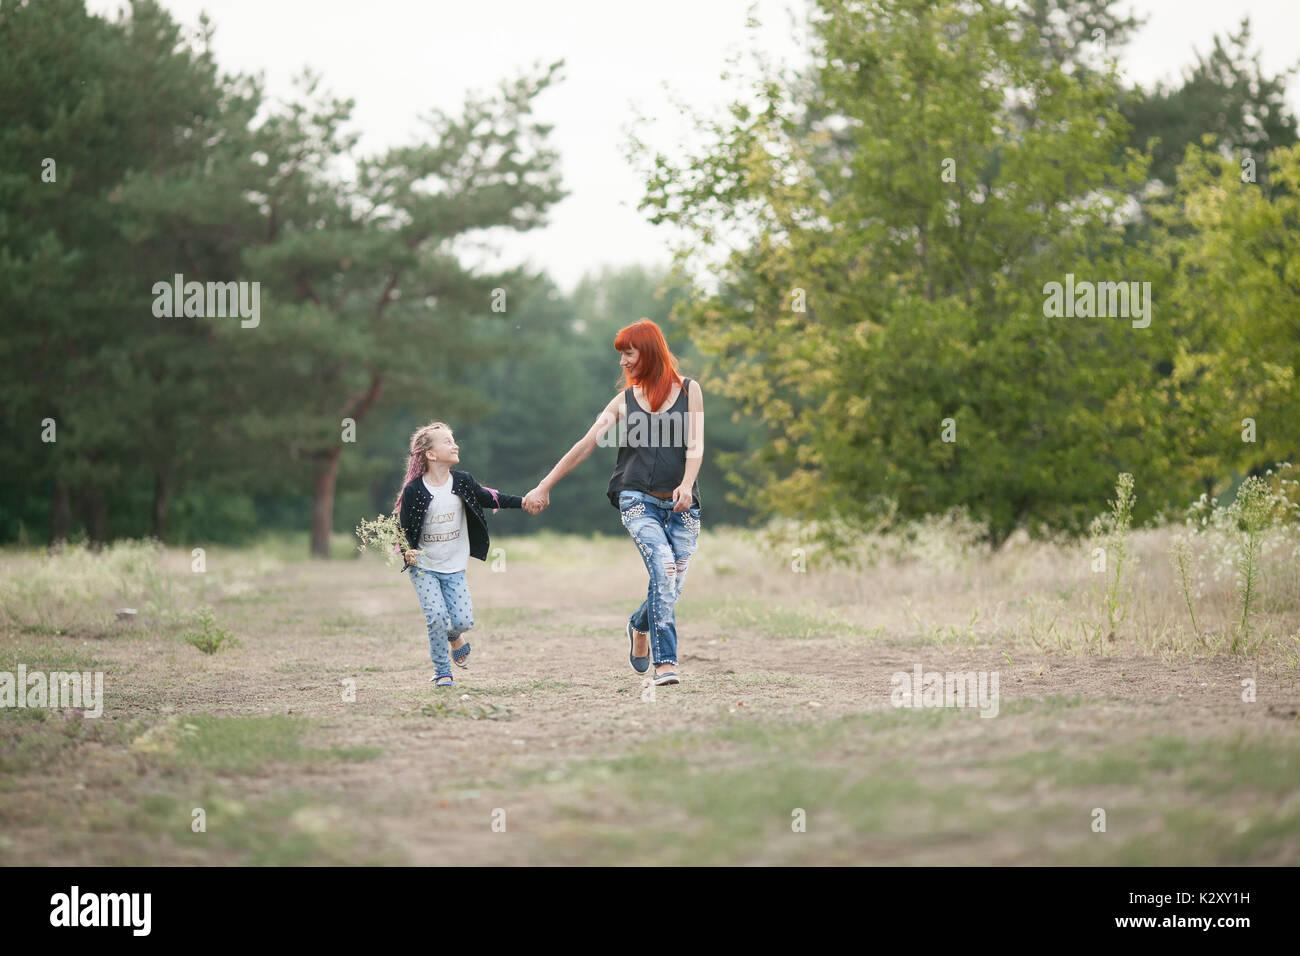 Glückliches Mädchen mit ihrer Mutter Spaß lachen, halten Sie Hände und entlang von Straßen zu Fuß laufen. Stockbild